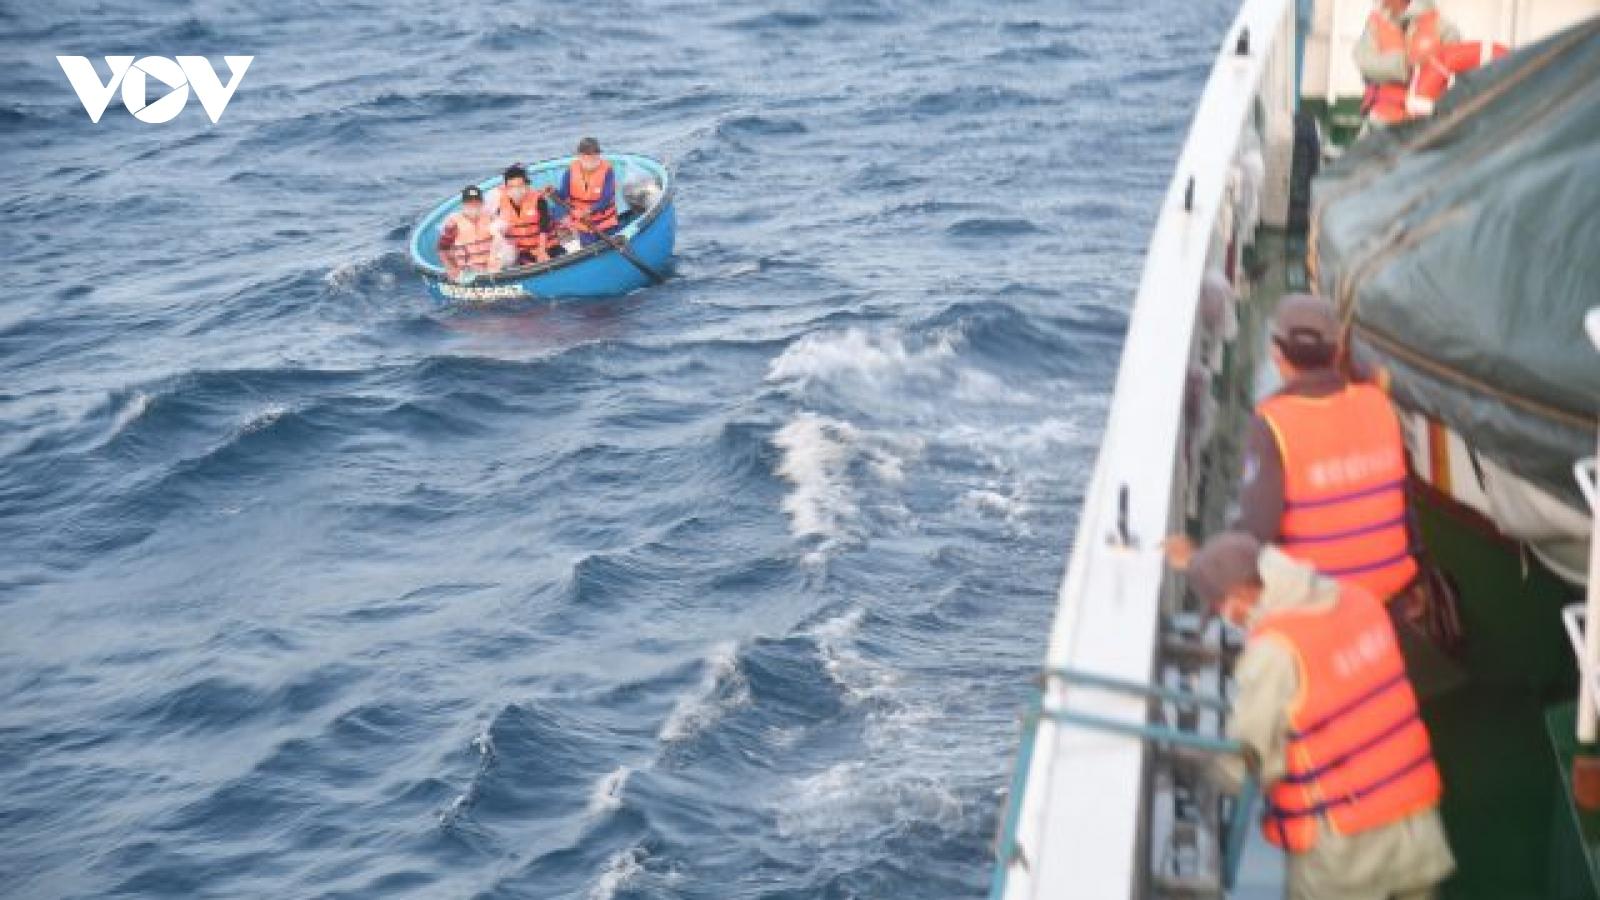 Tàu KN468 đưa 04 ngư dân bị nạn từ tàu cá PY 94477 TS về Cam Ranh an toàn